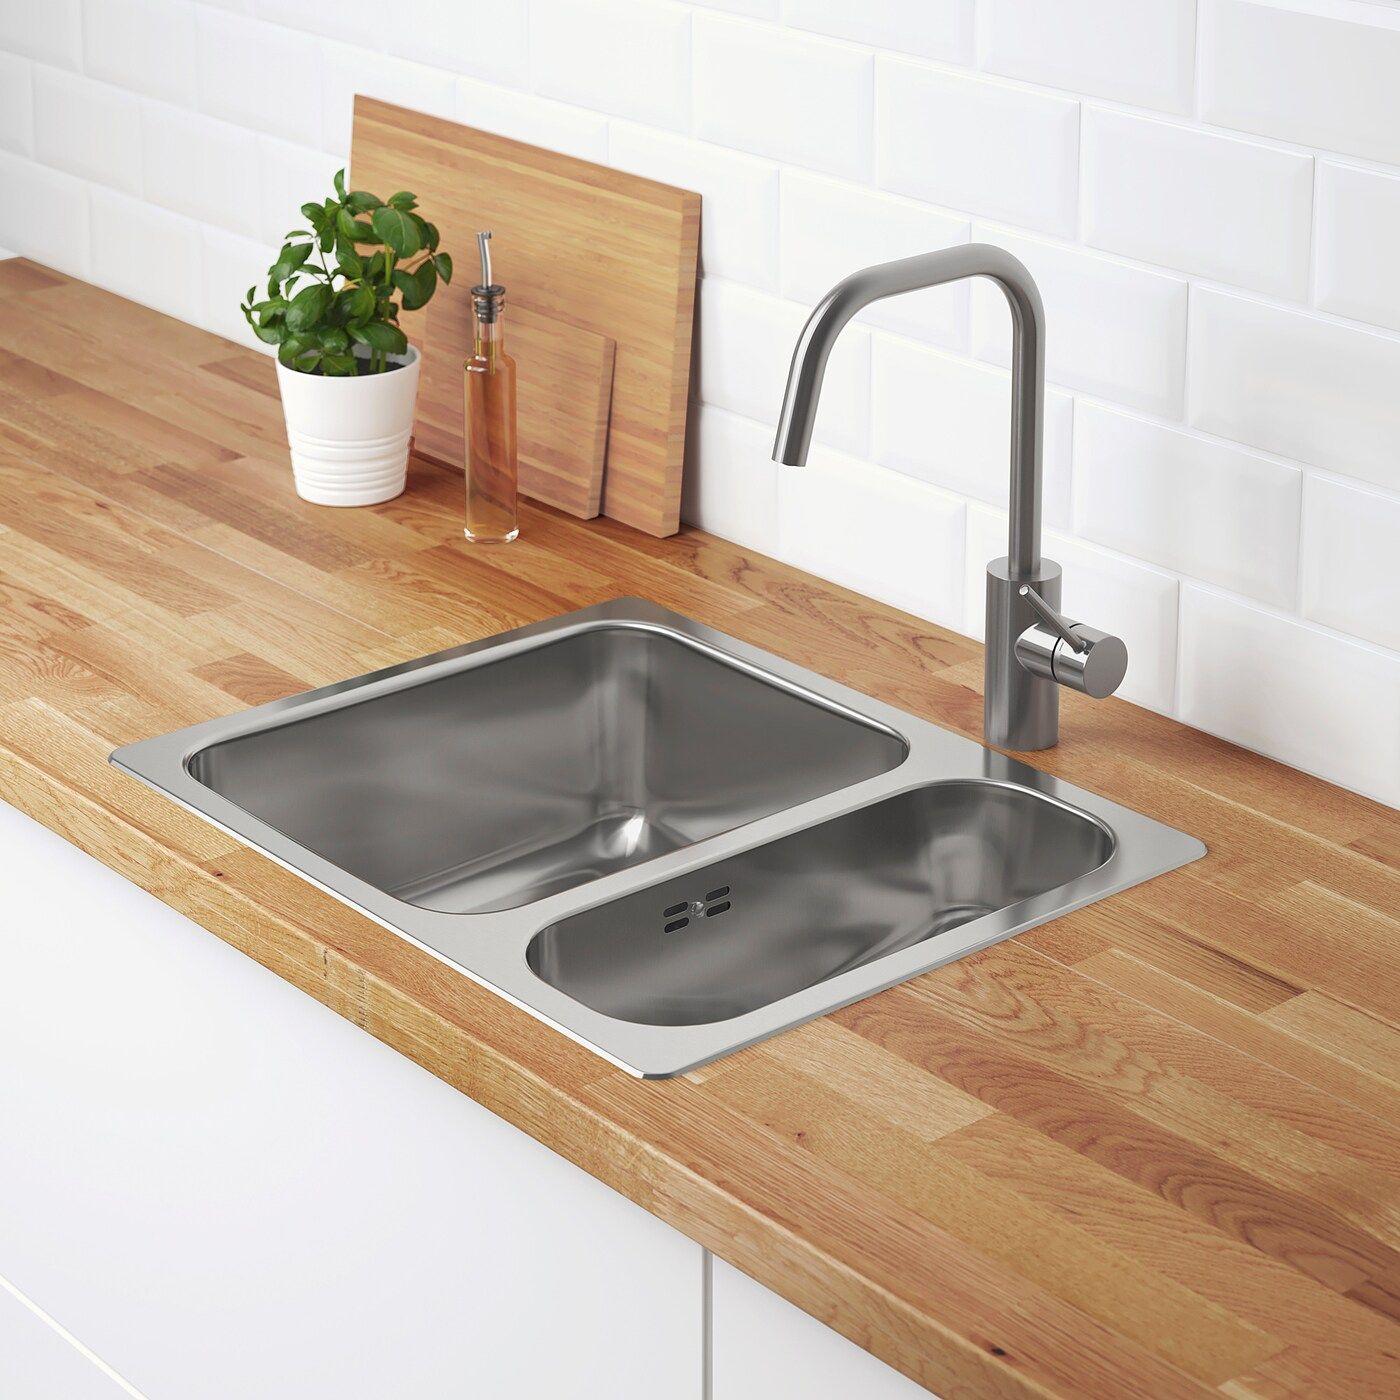 Hillesjon Einbauspule 1 1 2 Becken Edelstahl Ikea Osterreich In 2020 Einbauspule Waschbecken Und Landkuchendesign